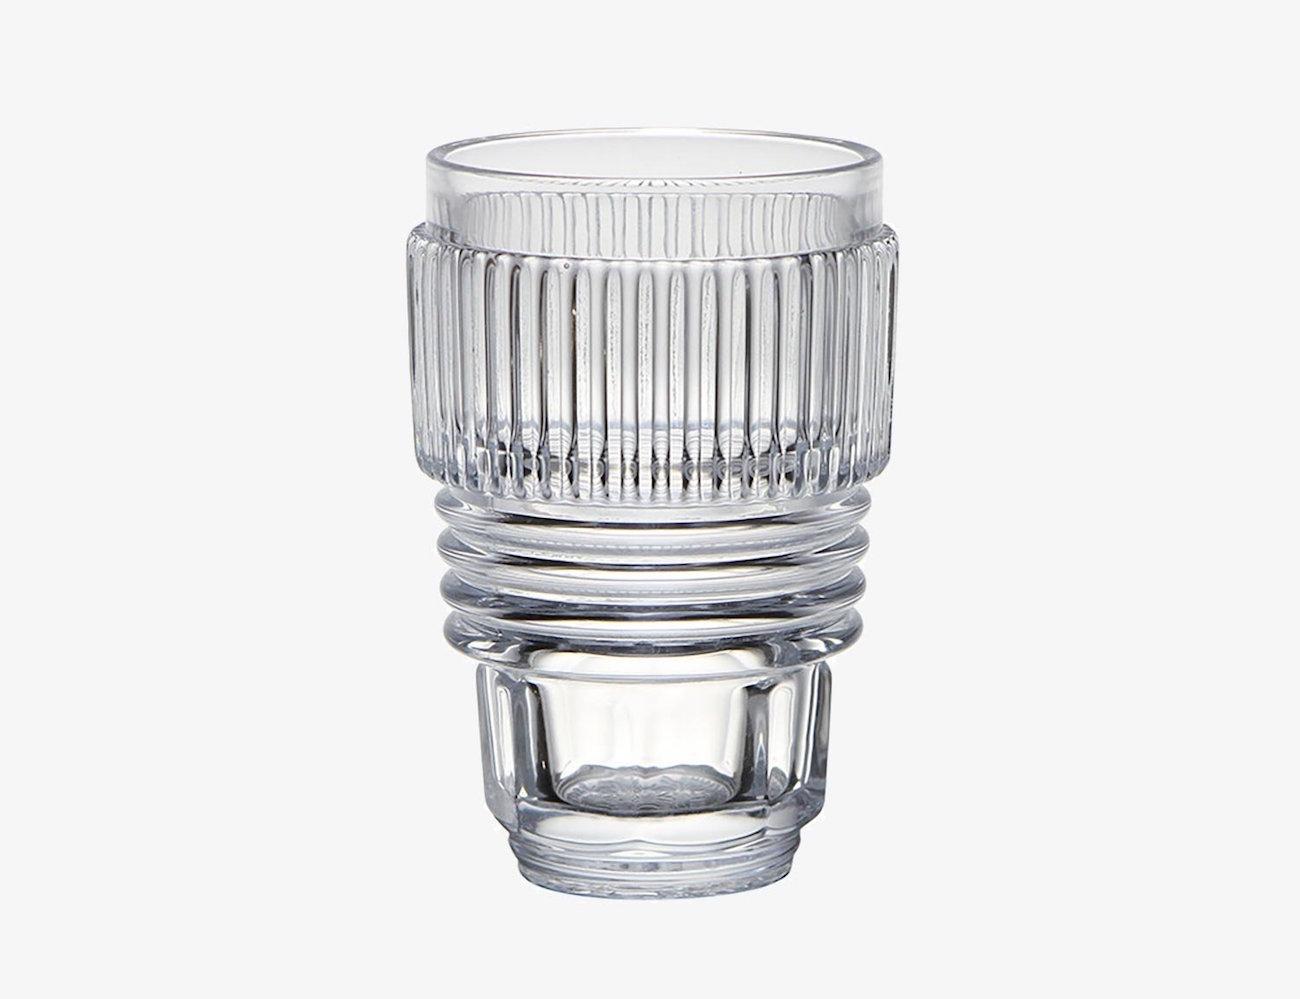 machine-glassware-by-diesel-04